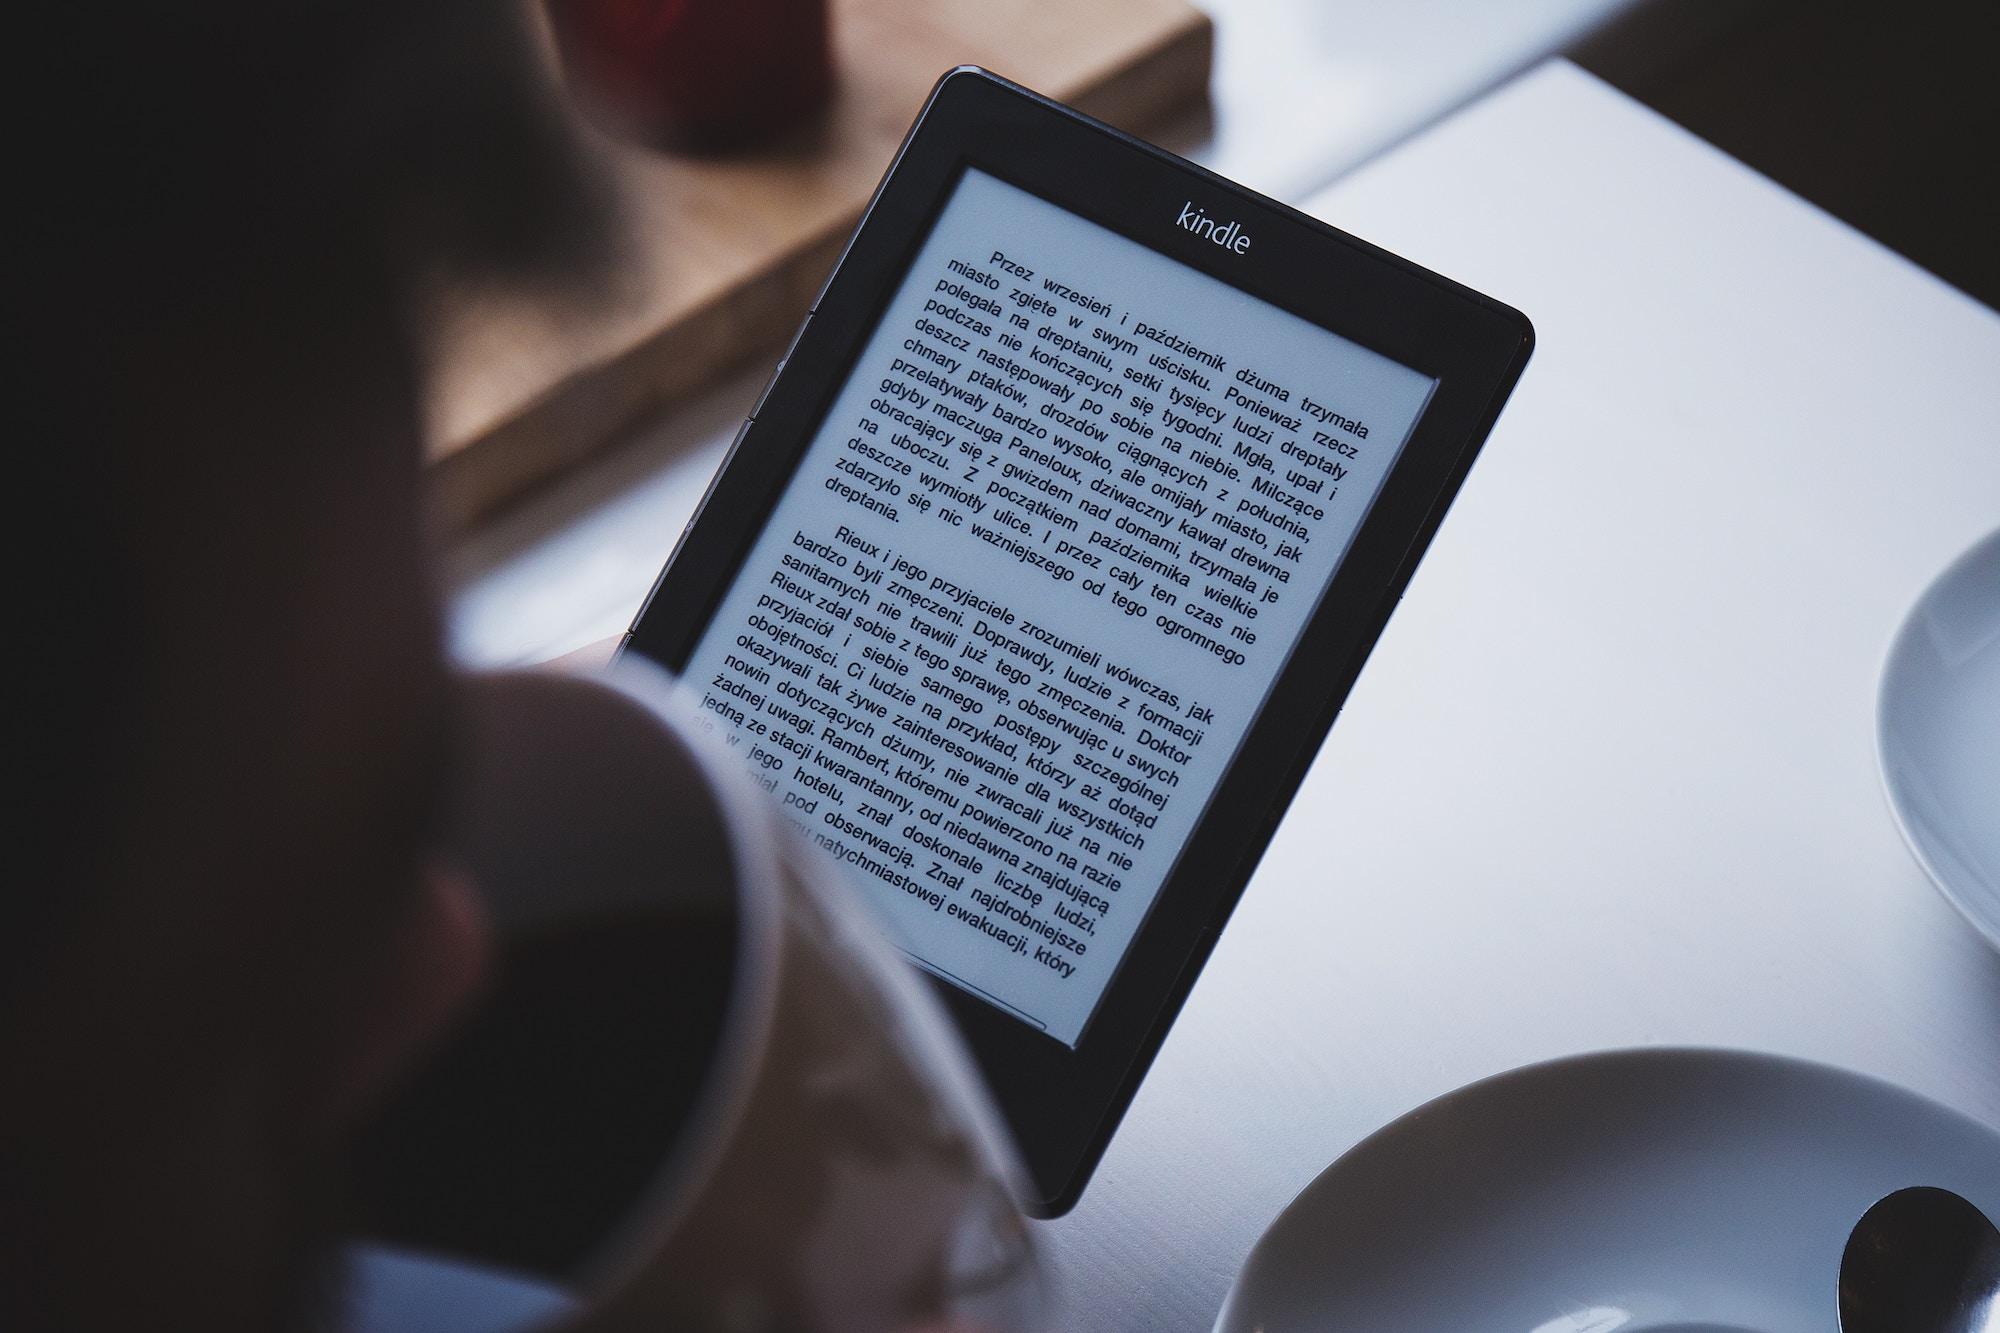 親愛的,你知道 Kindle 也能螢幕截圖嗎?